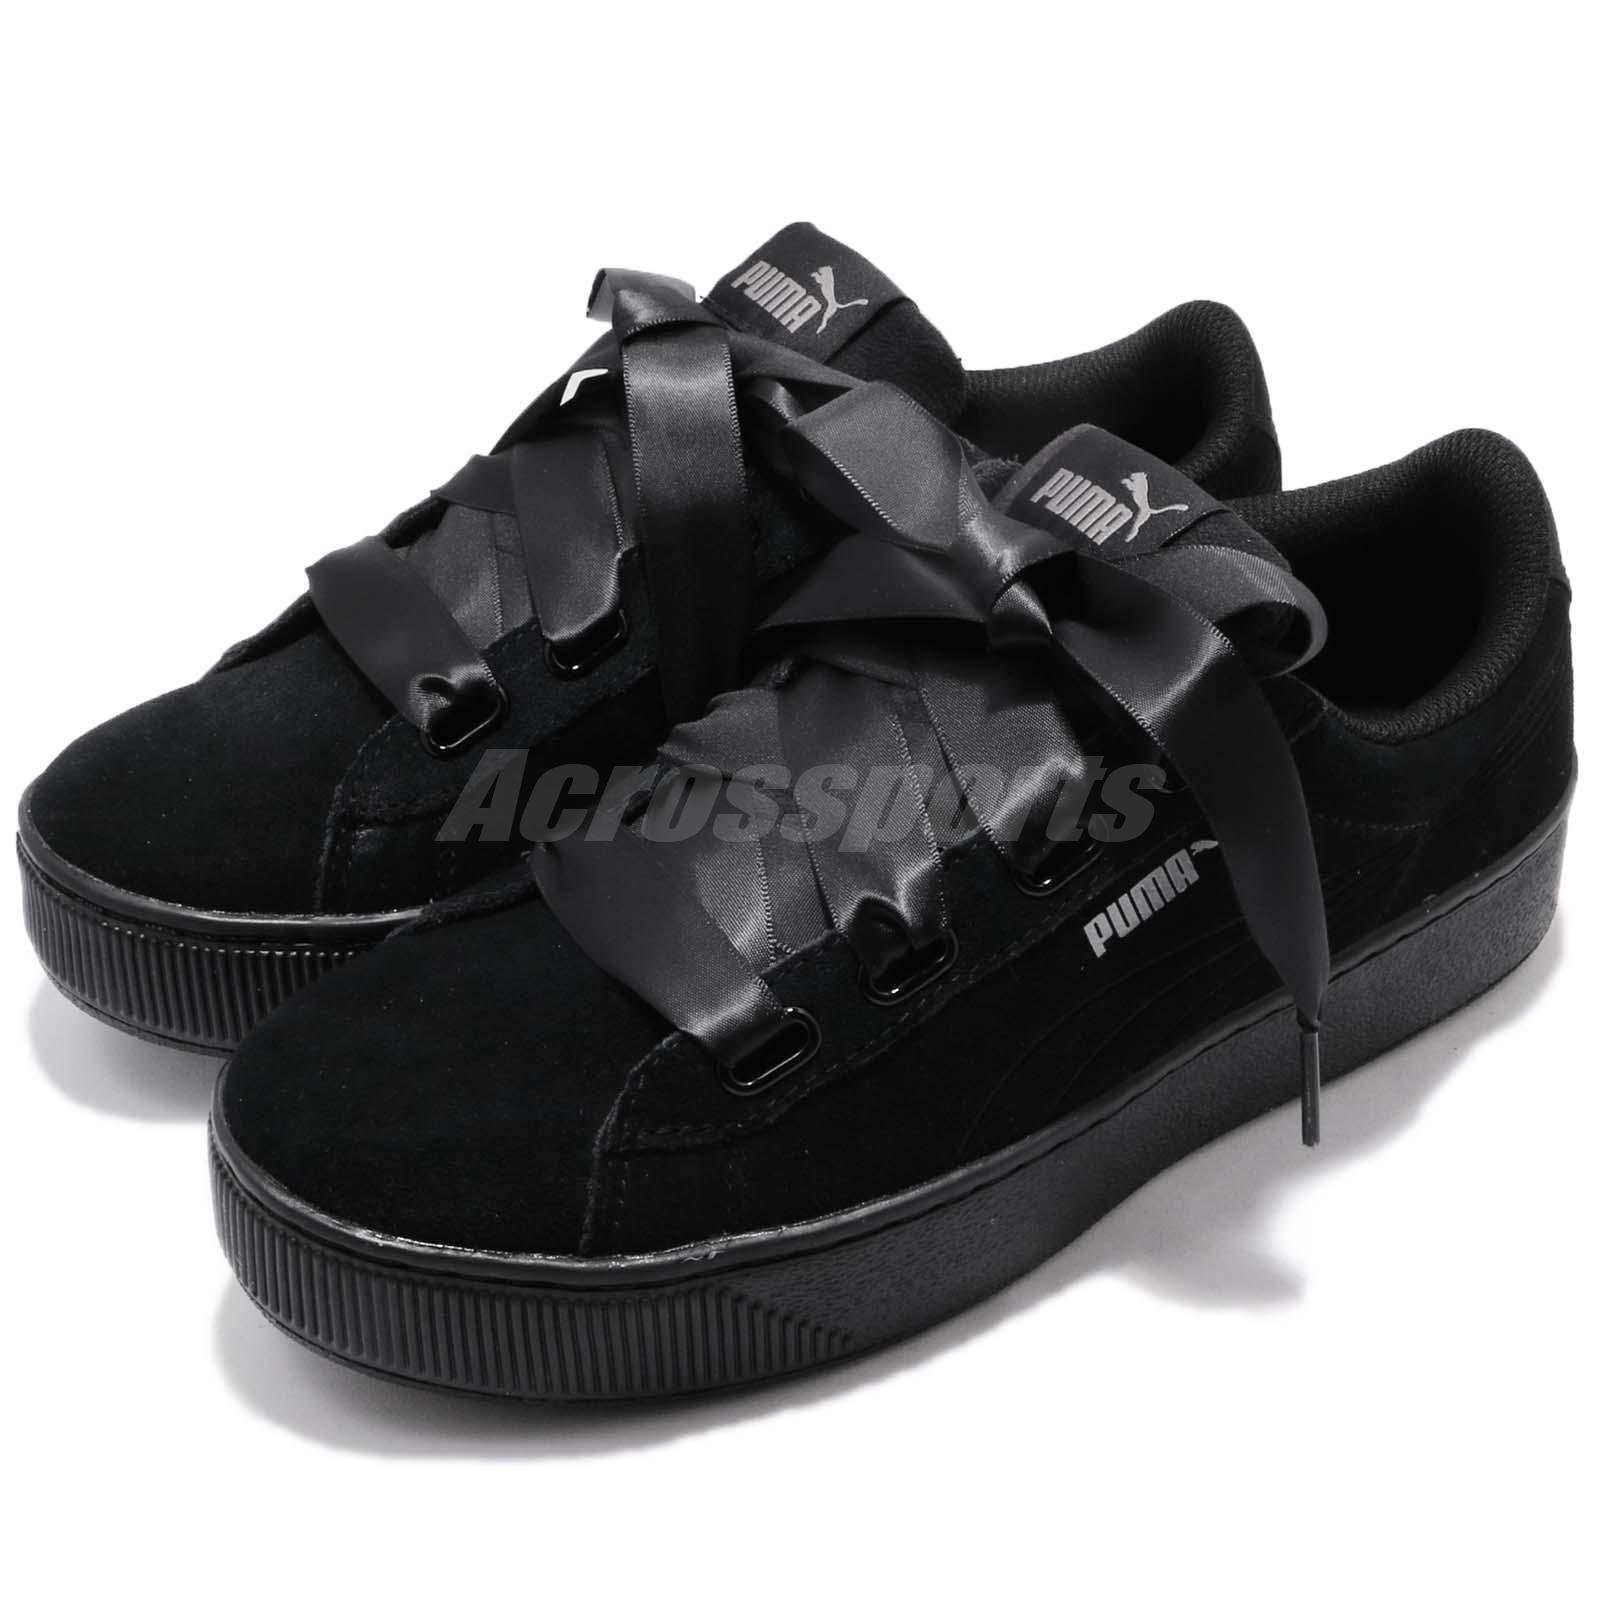 Puma Vikky Platform Ribbon S Bow negro Bold mujer zapatos zapatillas 366418-01